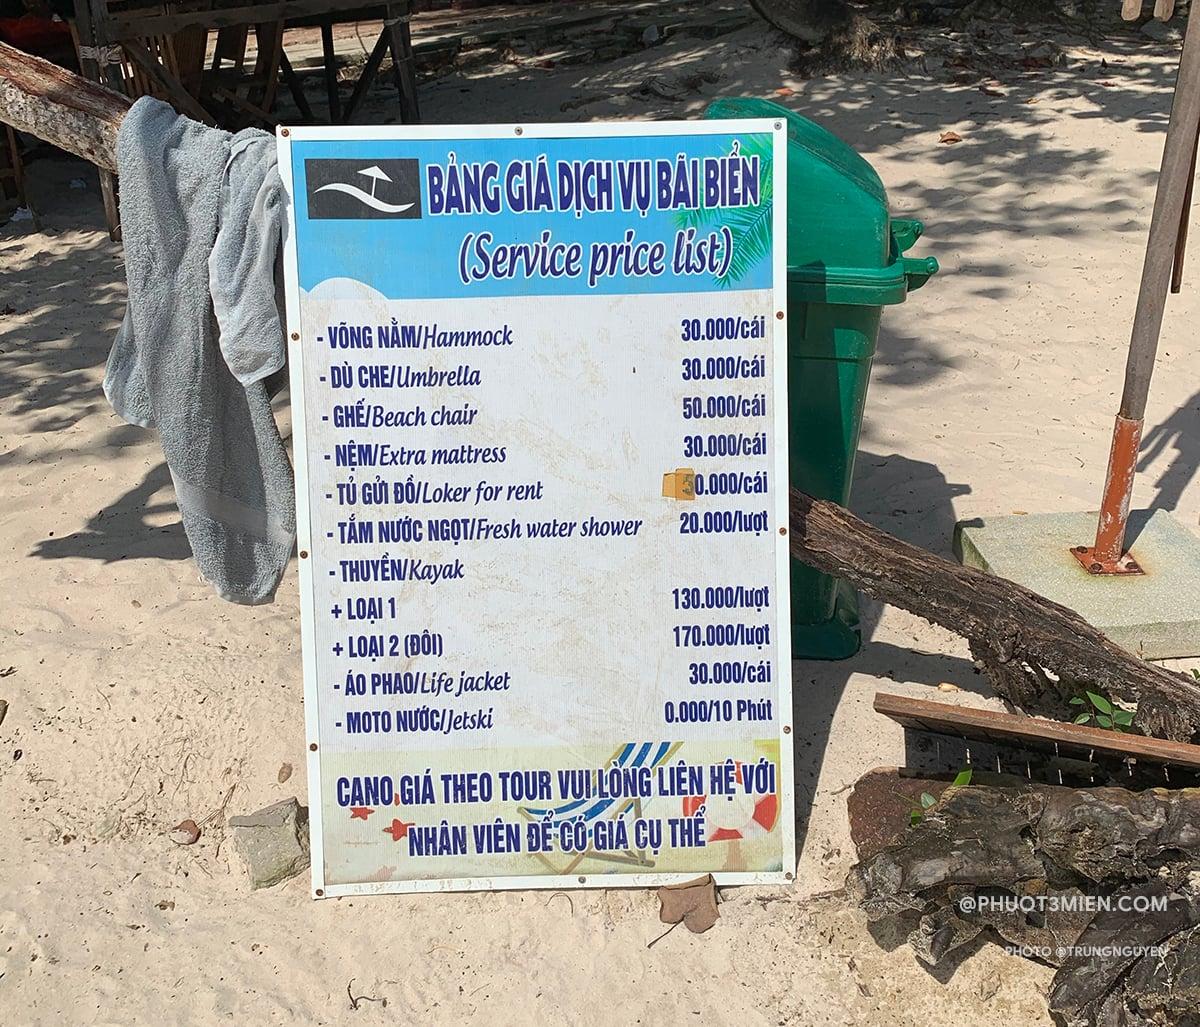 bảng giá dịch vụ tại bãi sao